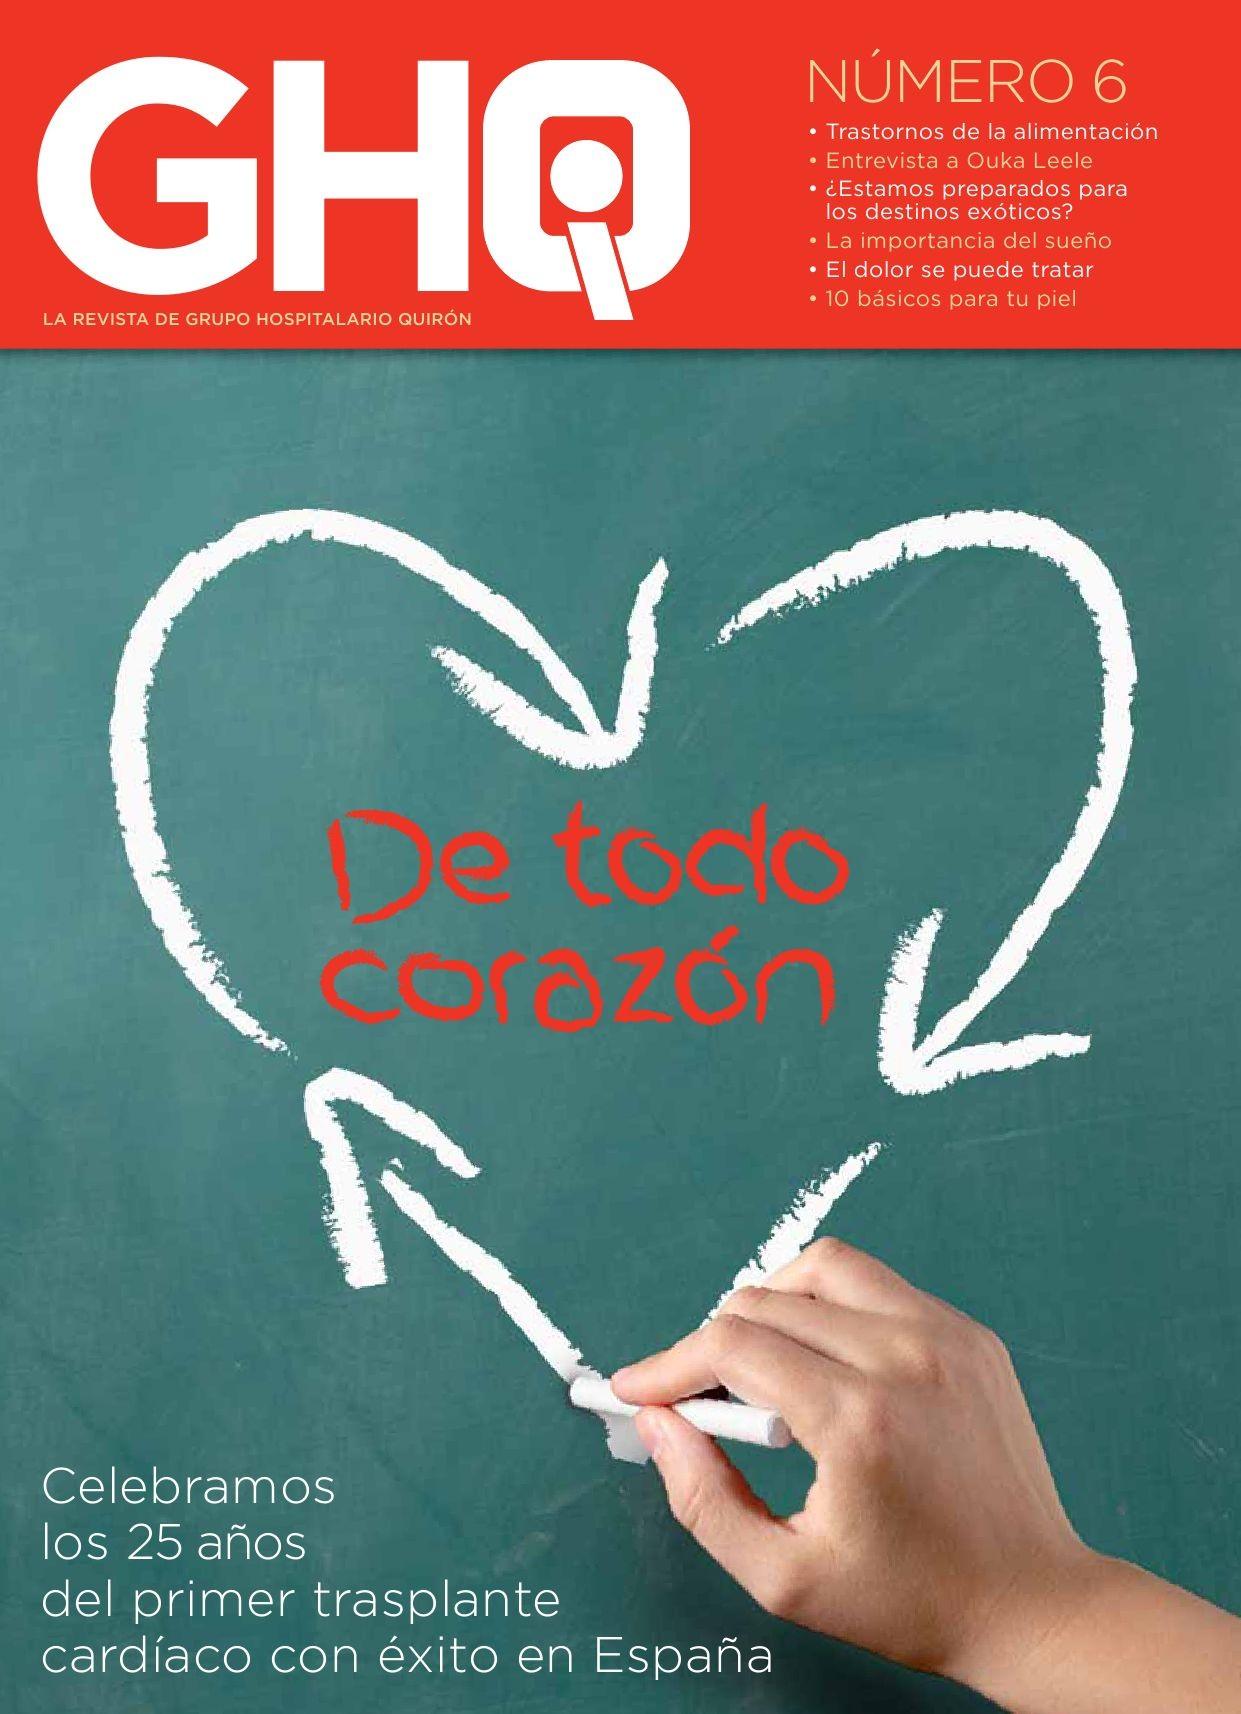 Calendario De Argentina Del Año 2019 Abril 2019 Calendario Actual Revista Quir³n Nº6 by Quir³nsalud issuu